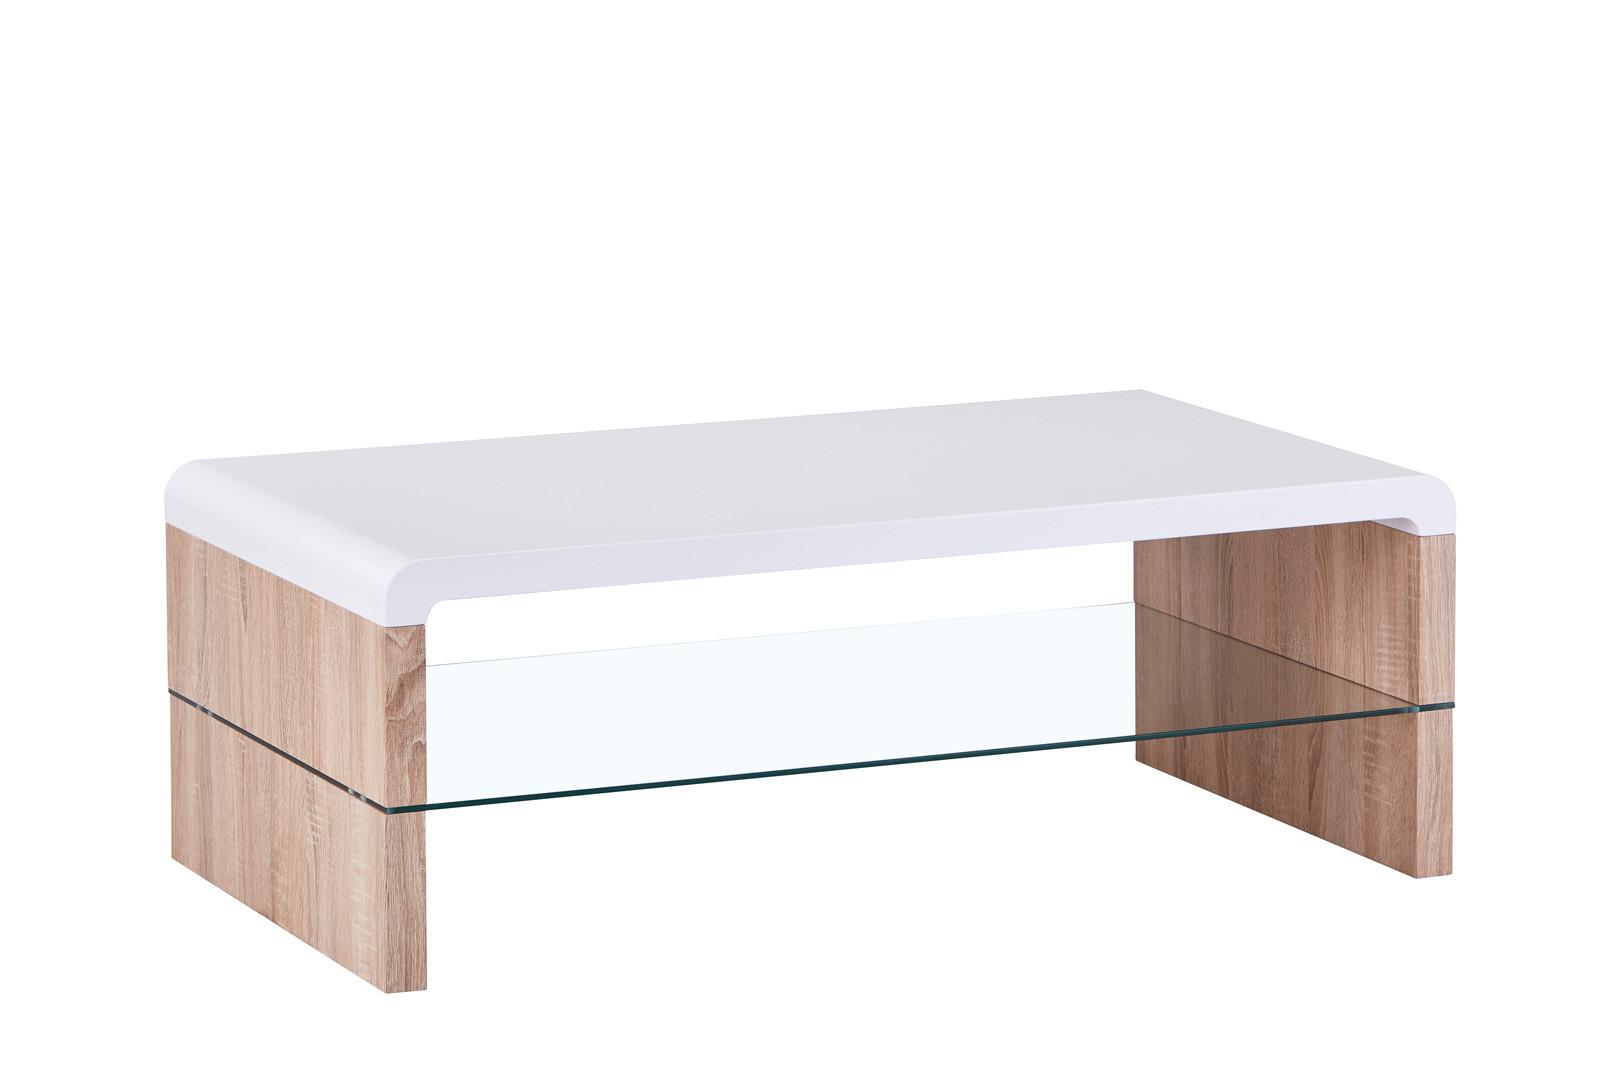 table basse contemporaine bois et verre chene clair blanc katia